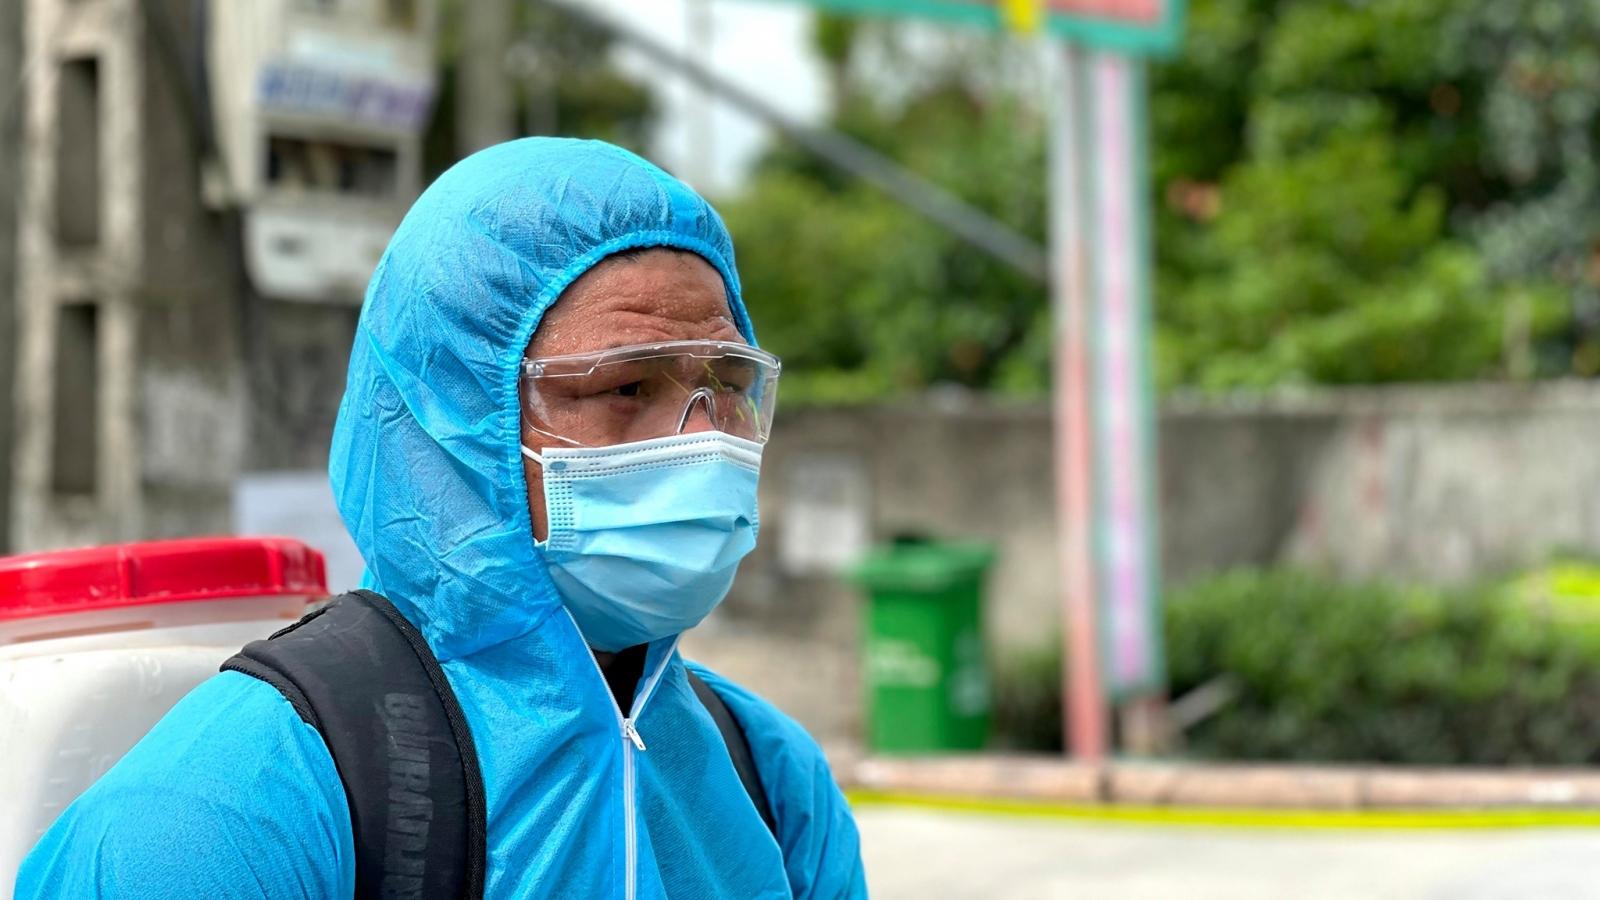 Sáng 17/5: Thêm 37 ca mắc COVID-19, chủ yếu ở Bắc Giang và Bắc Ninh